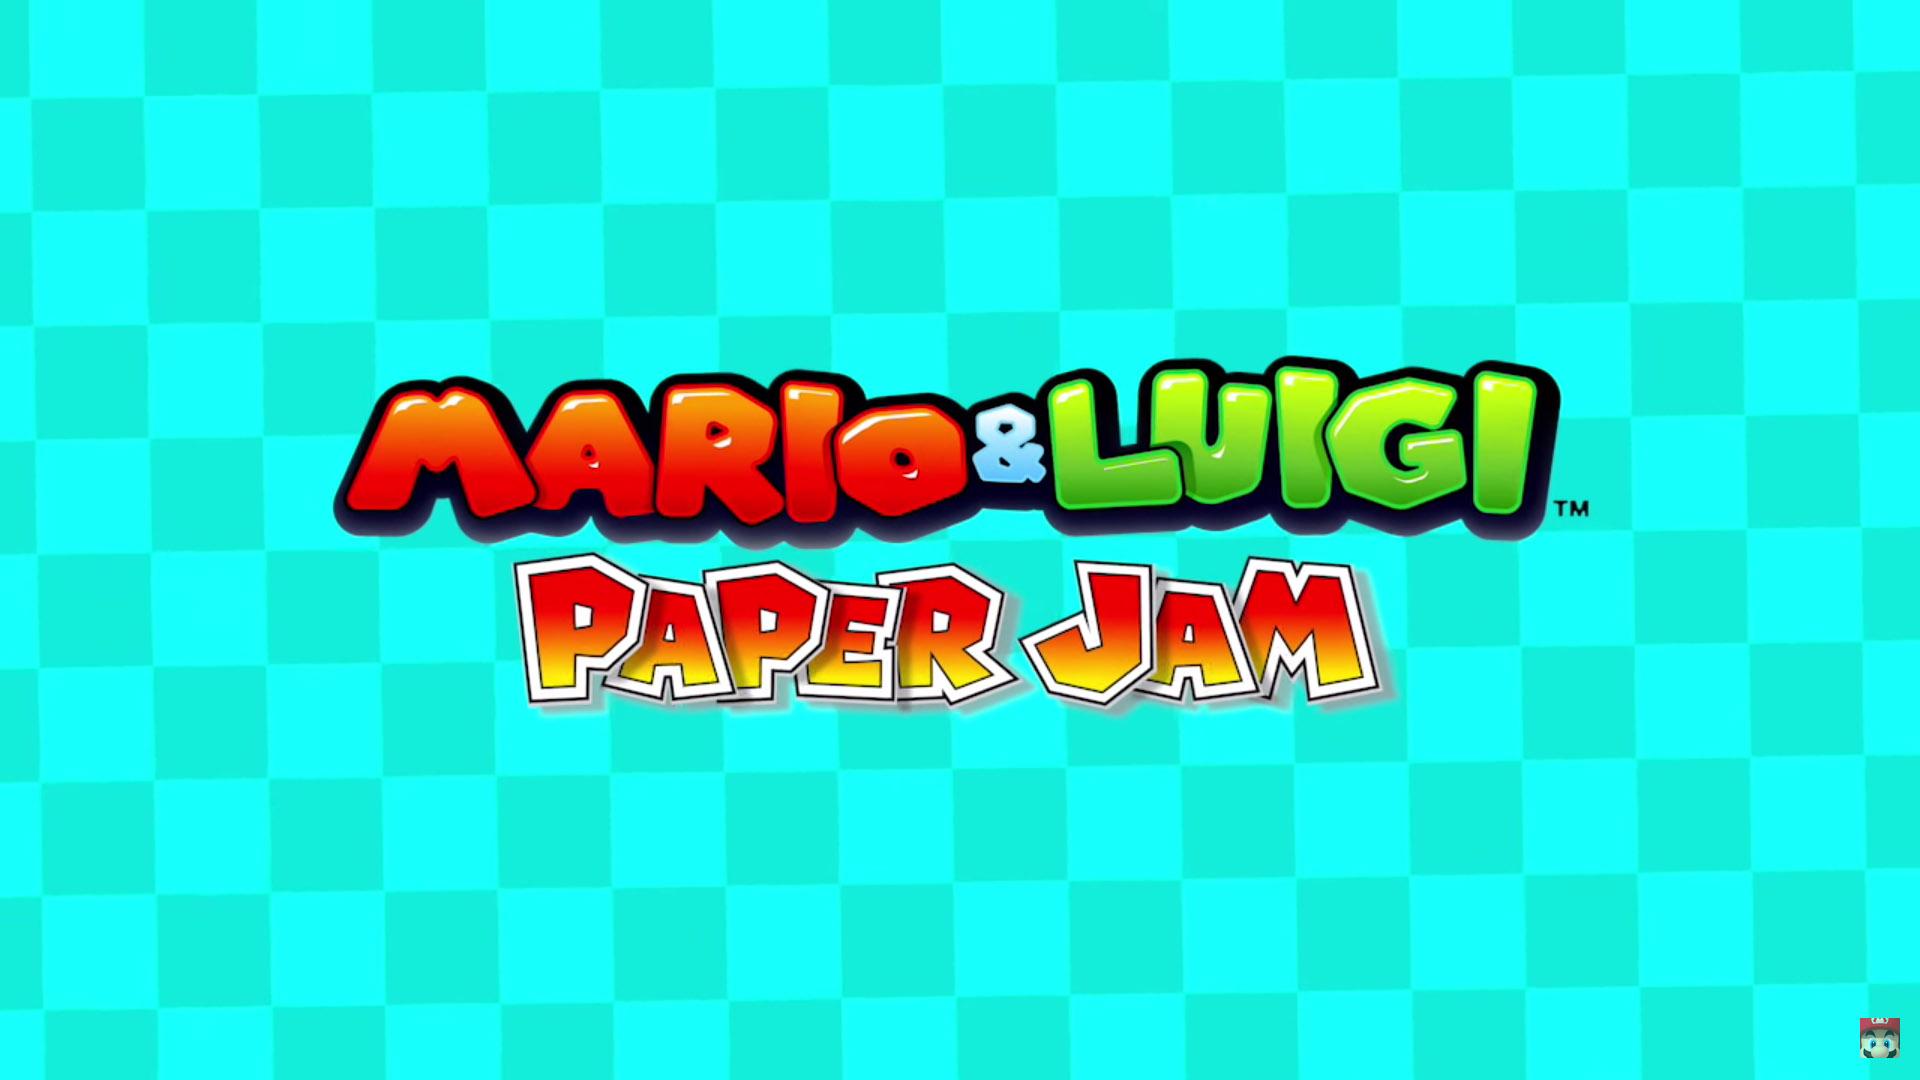 Mario & Luigi: Paper Jam Announced for 3DS